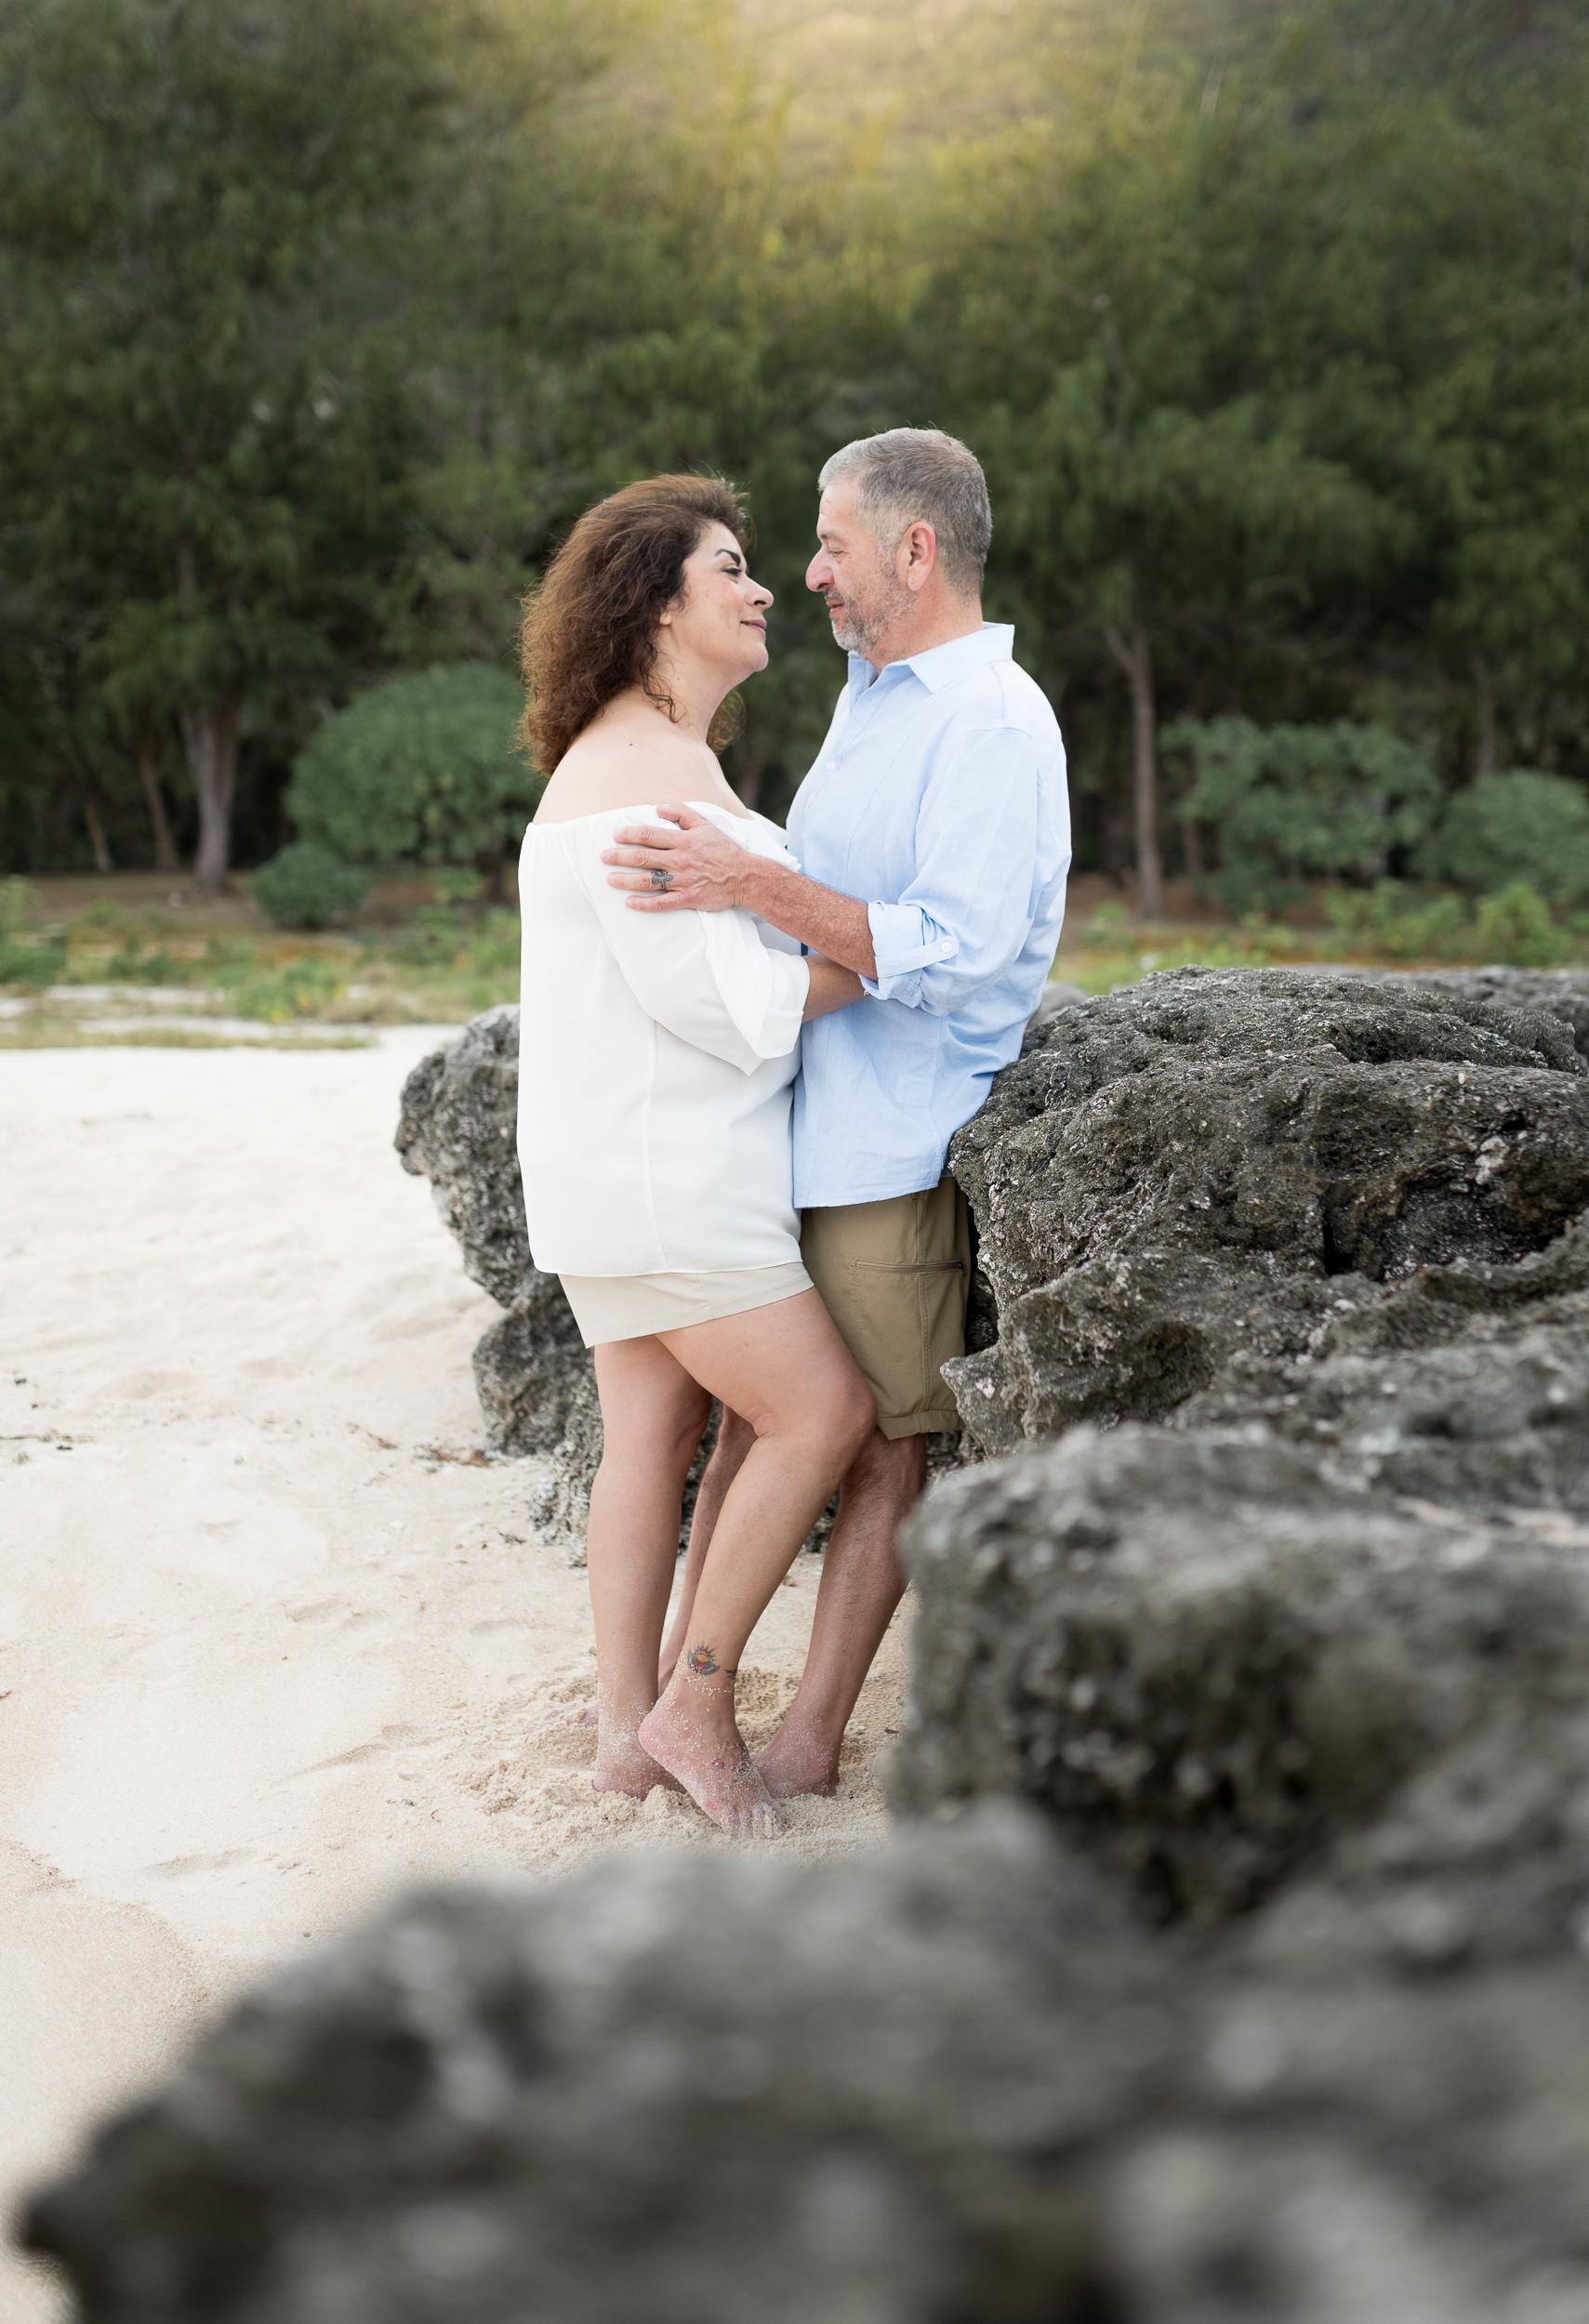 CouplesSessionTaragueGuamPhotographer-ROXANNEAUGUSTA-15.jpg